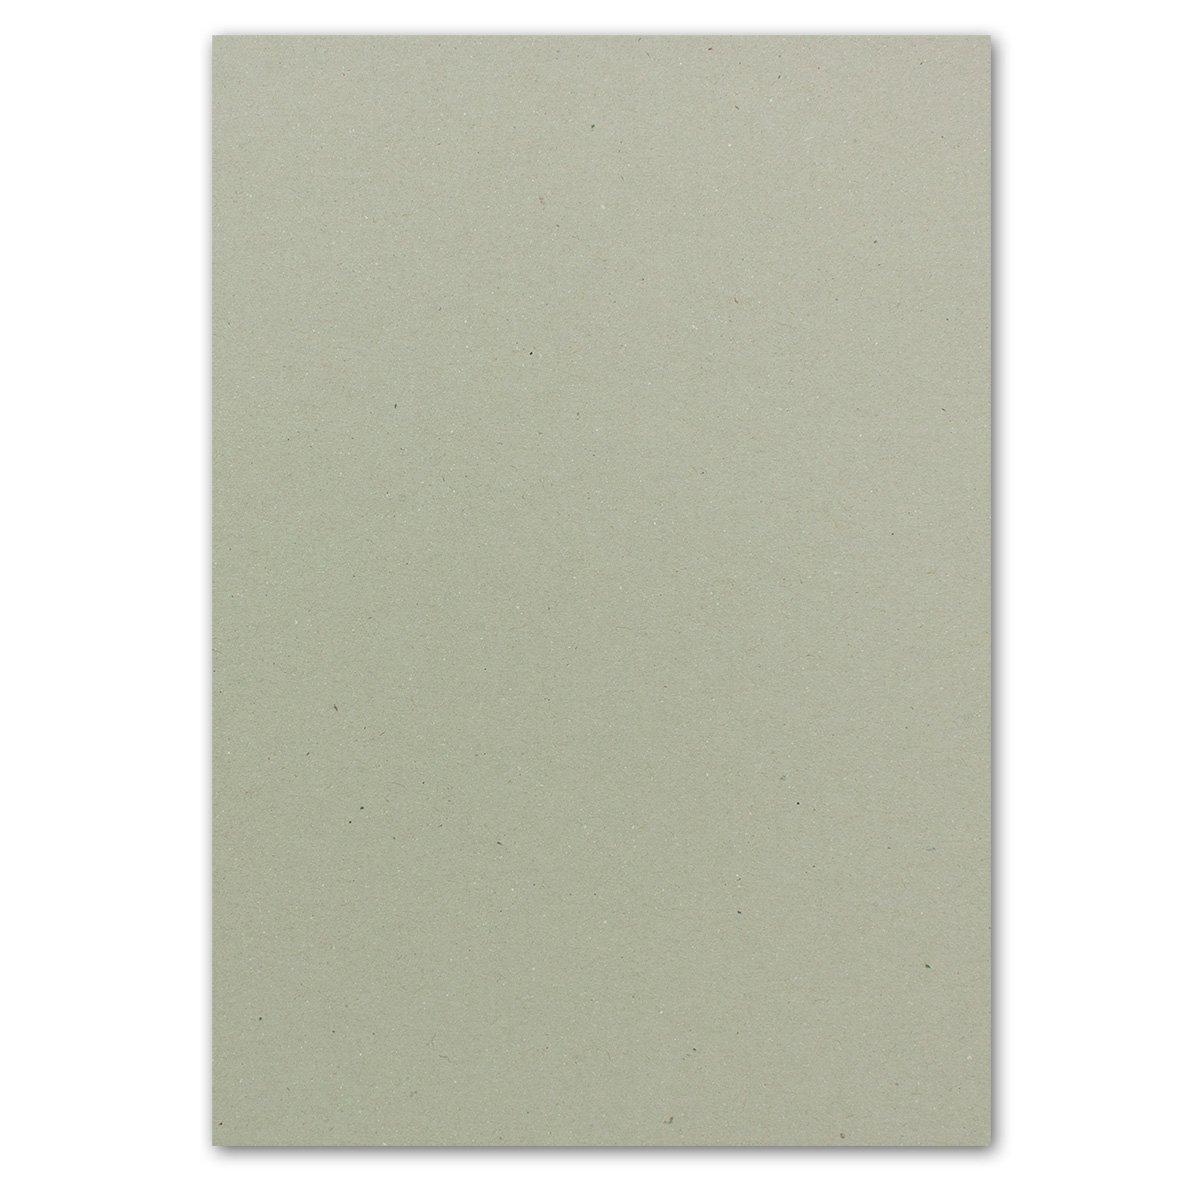 100 Stück Buchbinderpappe DIN A4     Stärke 2,0 mm   Grammatur  1230 g m²   Format  29,7 x 21,0 cm   Farbe  Grau-Braun   100 Stück B078GNR9Q8 | Online Store  a700d6